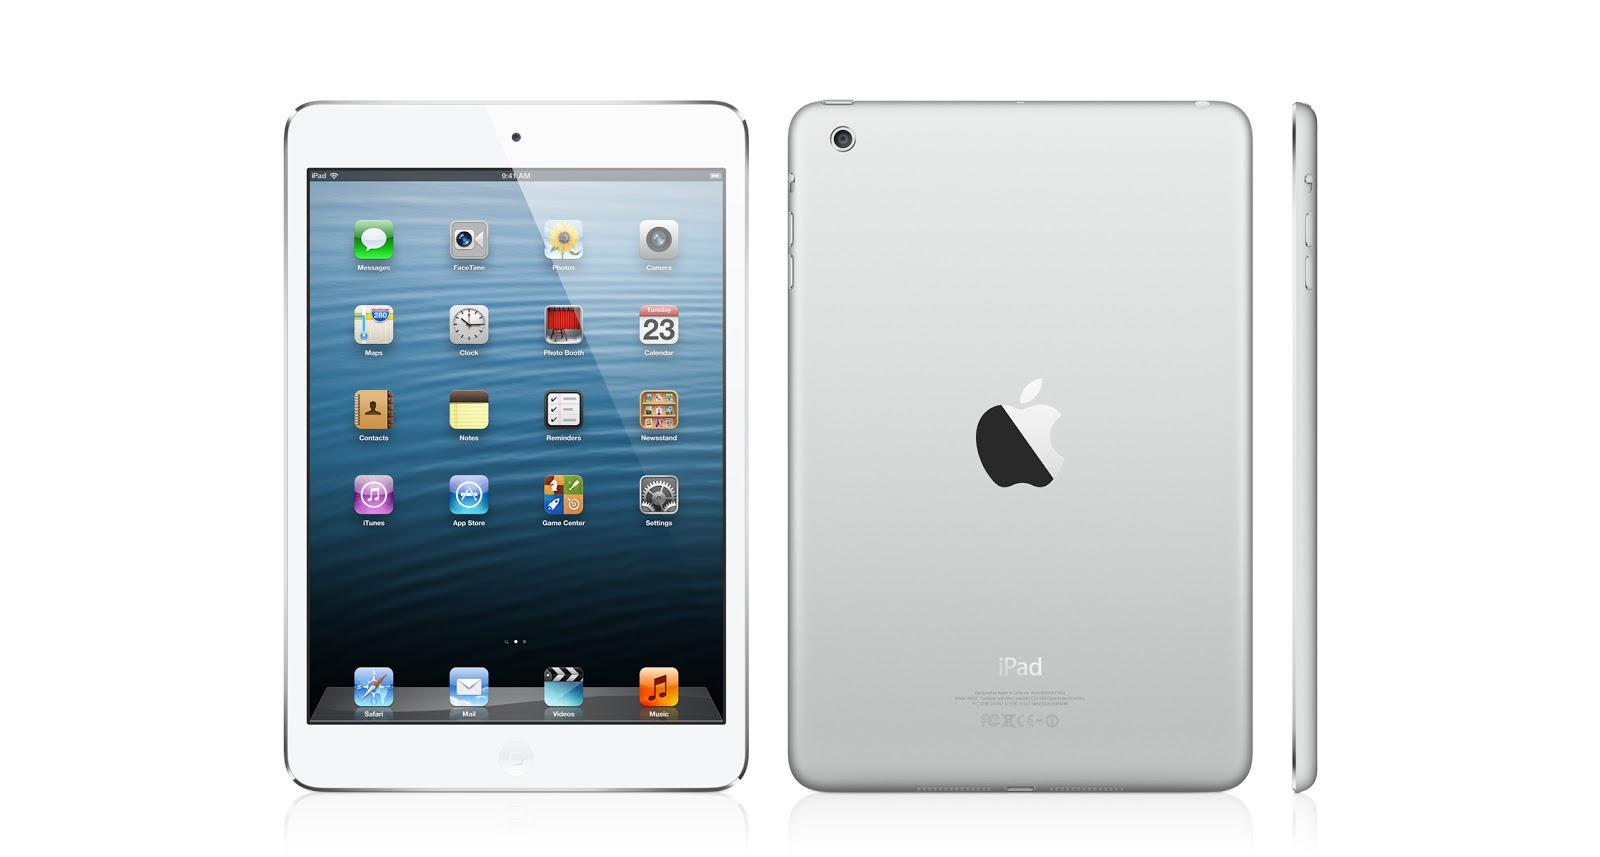 apple ipad mini wallpapers apple ipad mini wallpapers apple ipad mini 1600x857